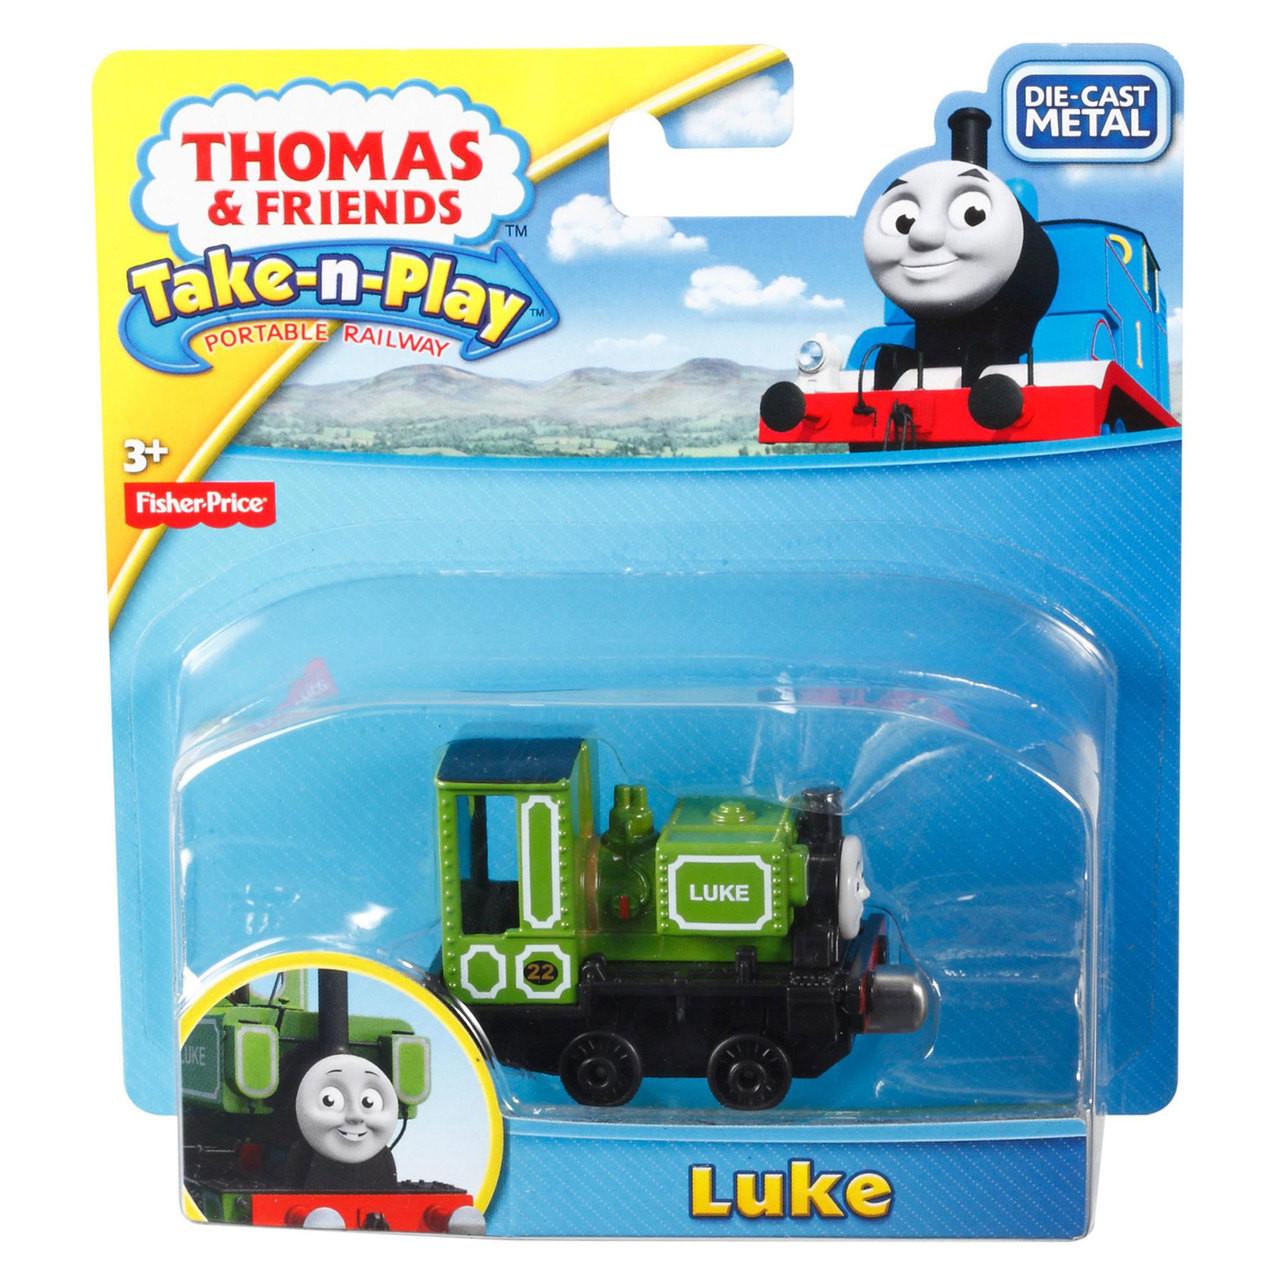 Thomas /& Friends Racing Raul Take-n-Play Portable Railway Die-Cast Metal New